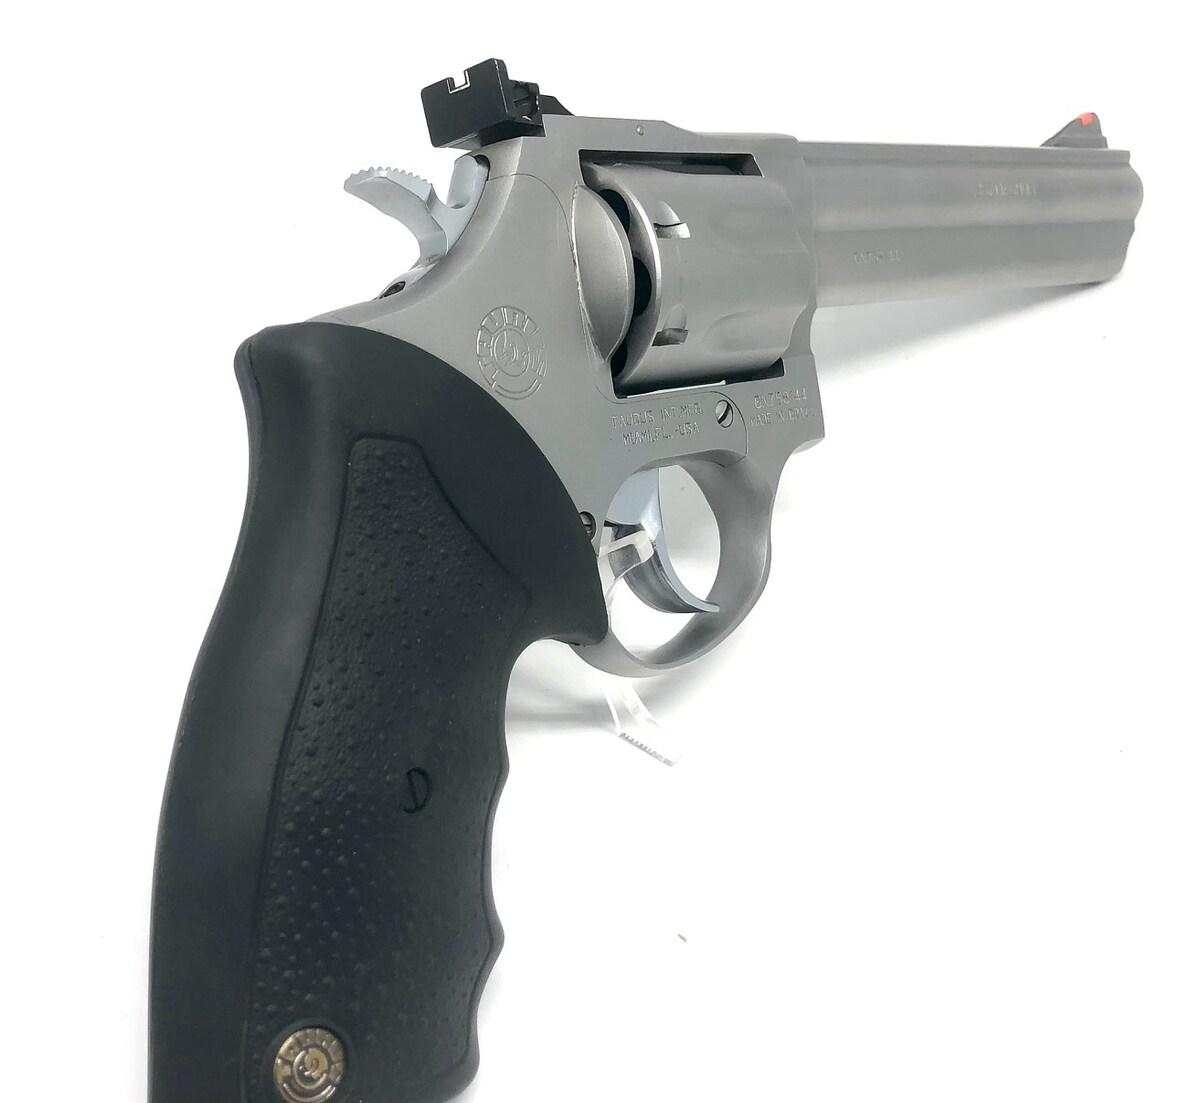 TAURUS M66 66 7-SHOT .357 STAINLESS